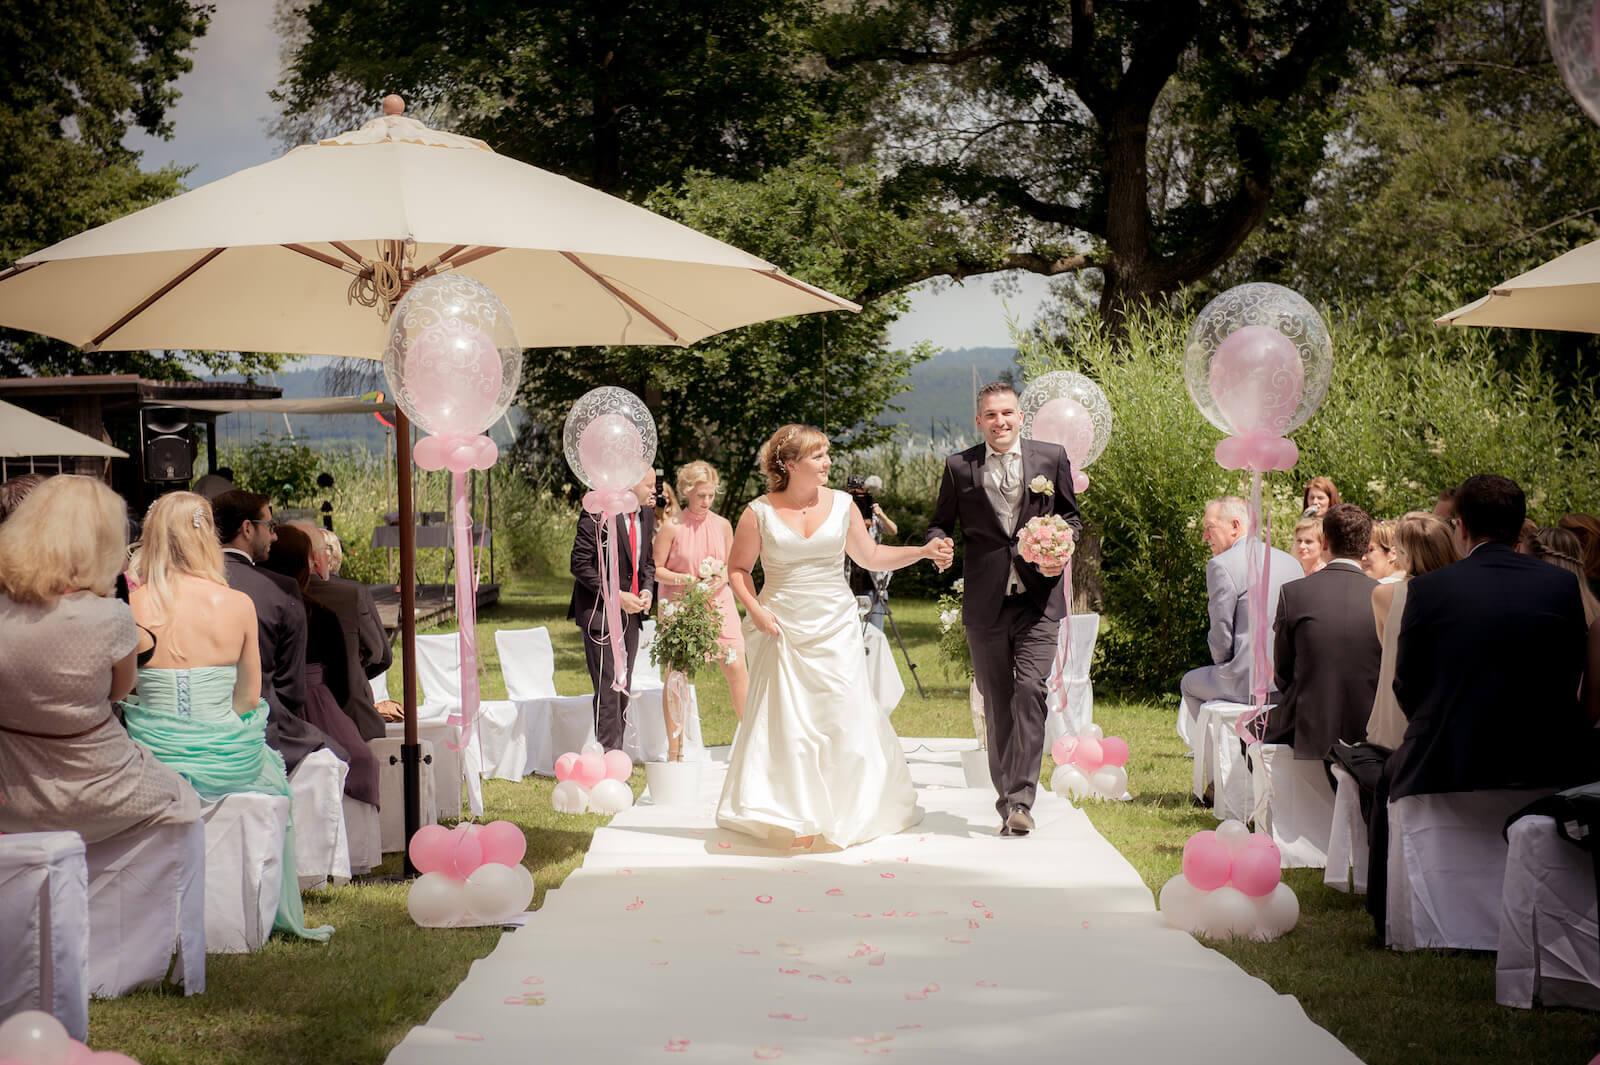 freie Trauung Ammersee - Brautpaar Auszug auf dem weißen Teppich